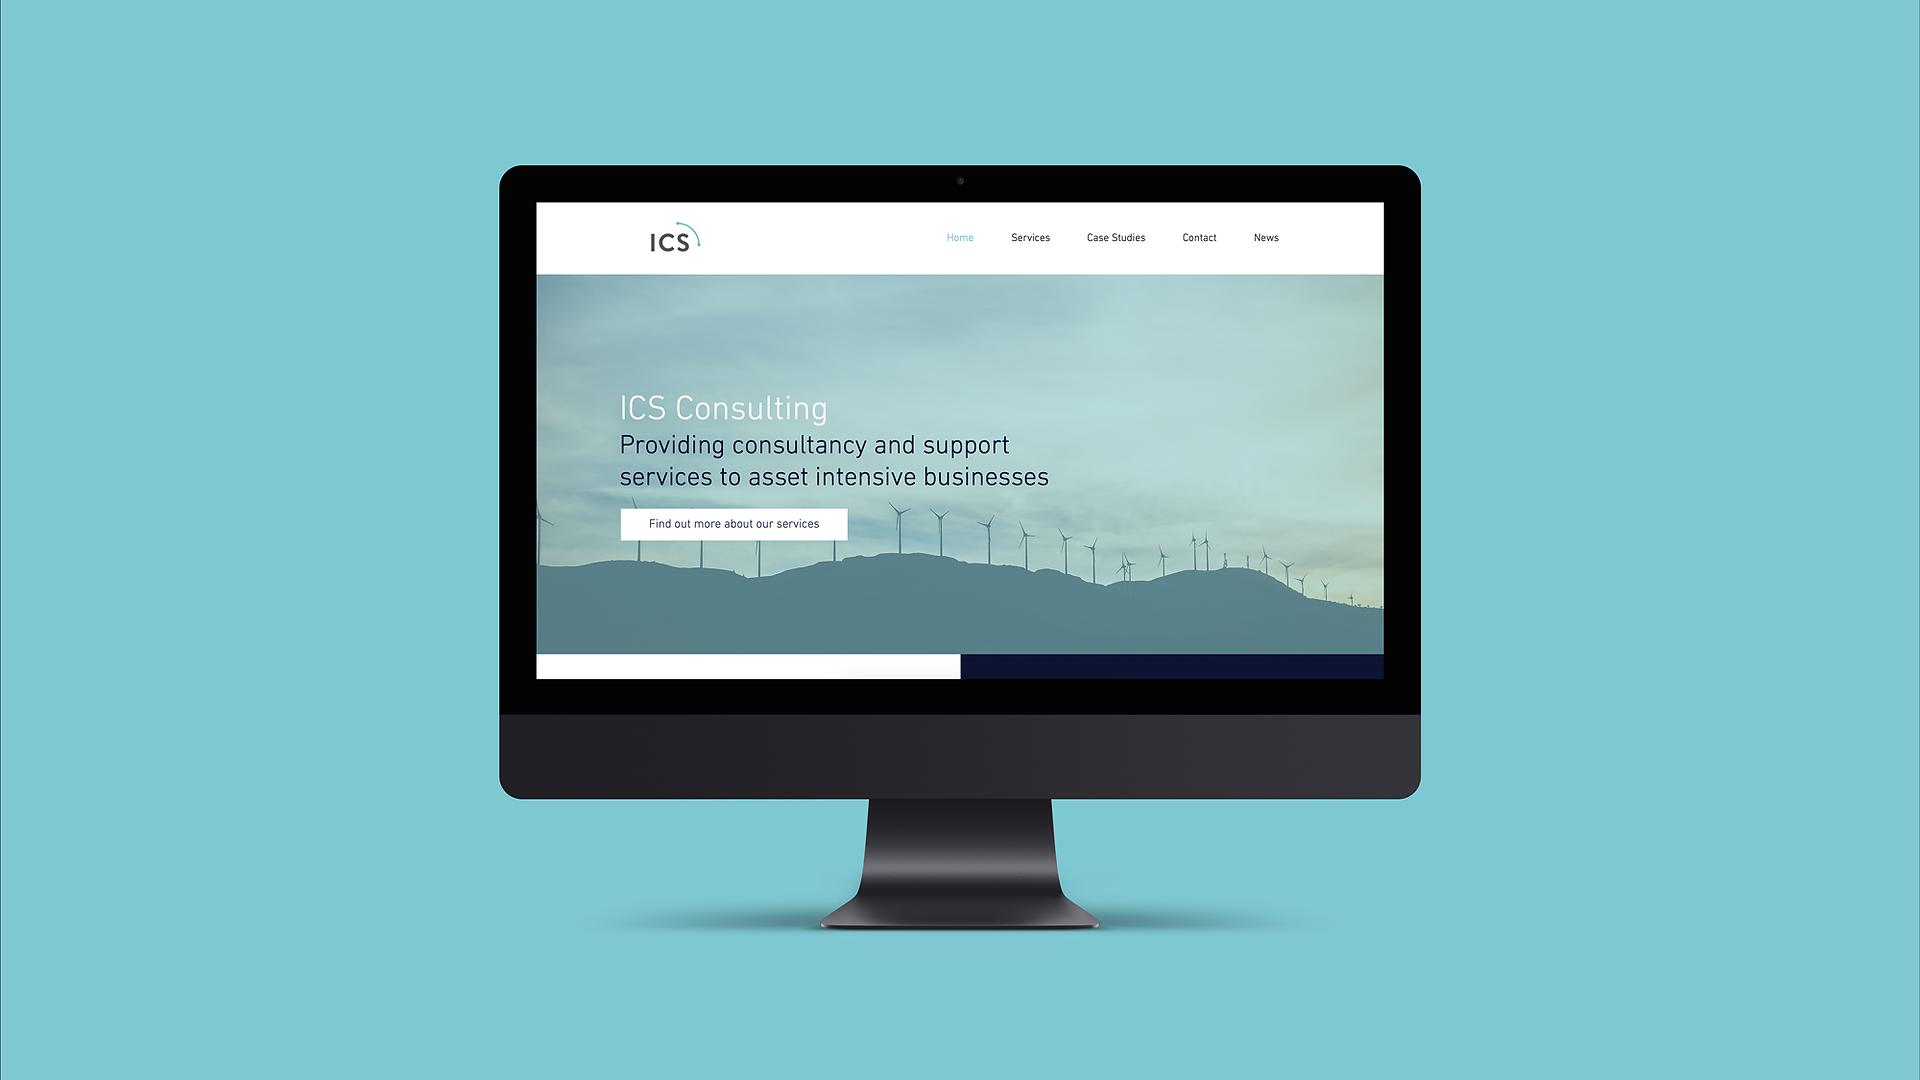 ICS Consulting